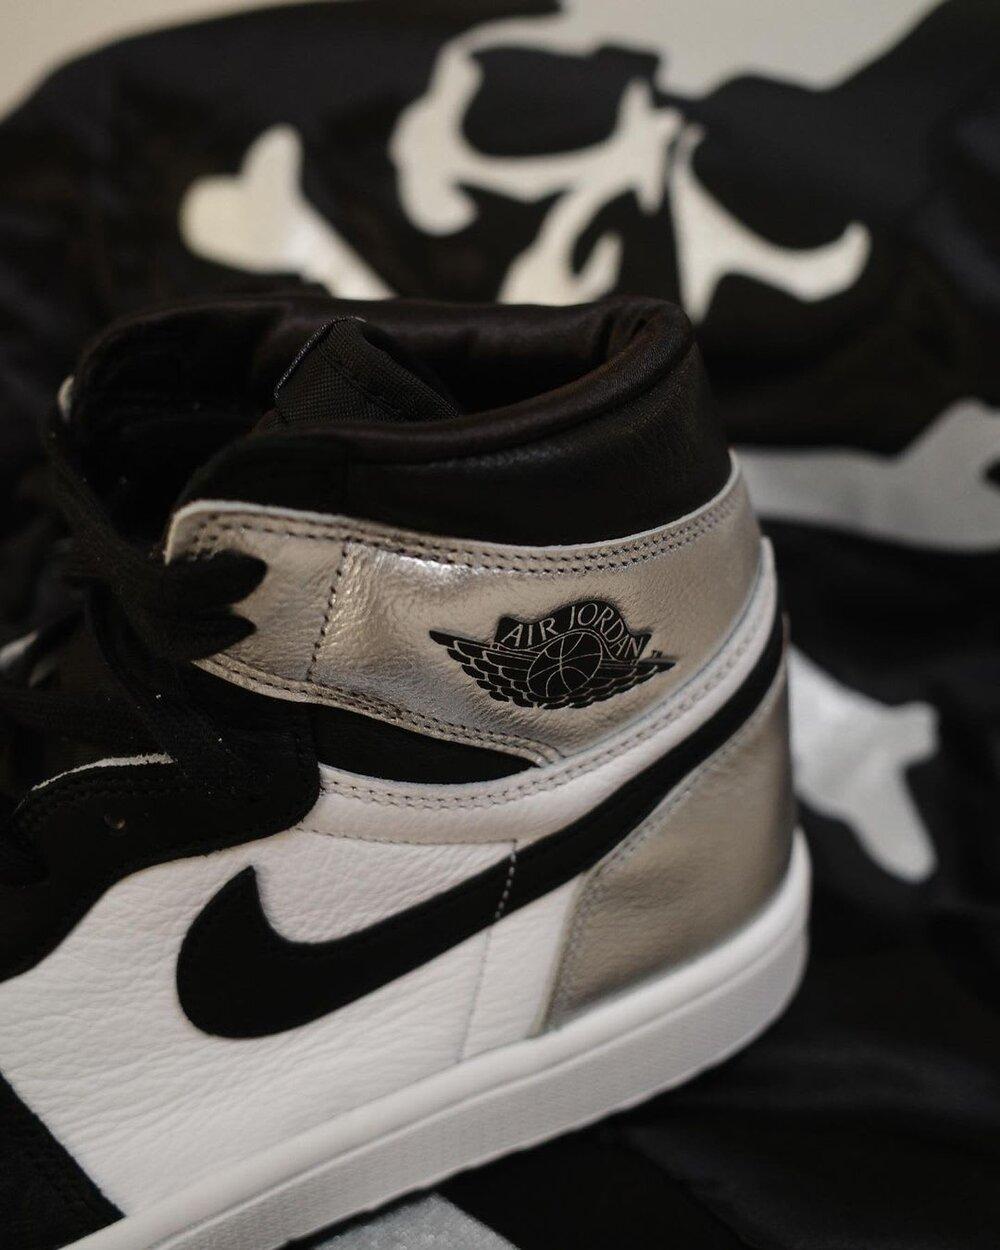 Air-Jordan-1-OG-Silver-Toe-CD0461-001-Release-Date-4.jpg